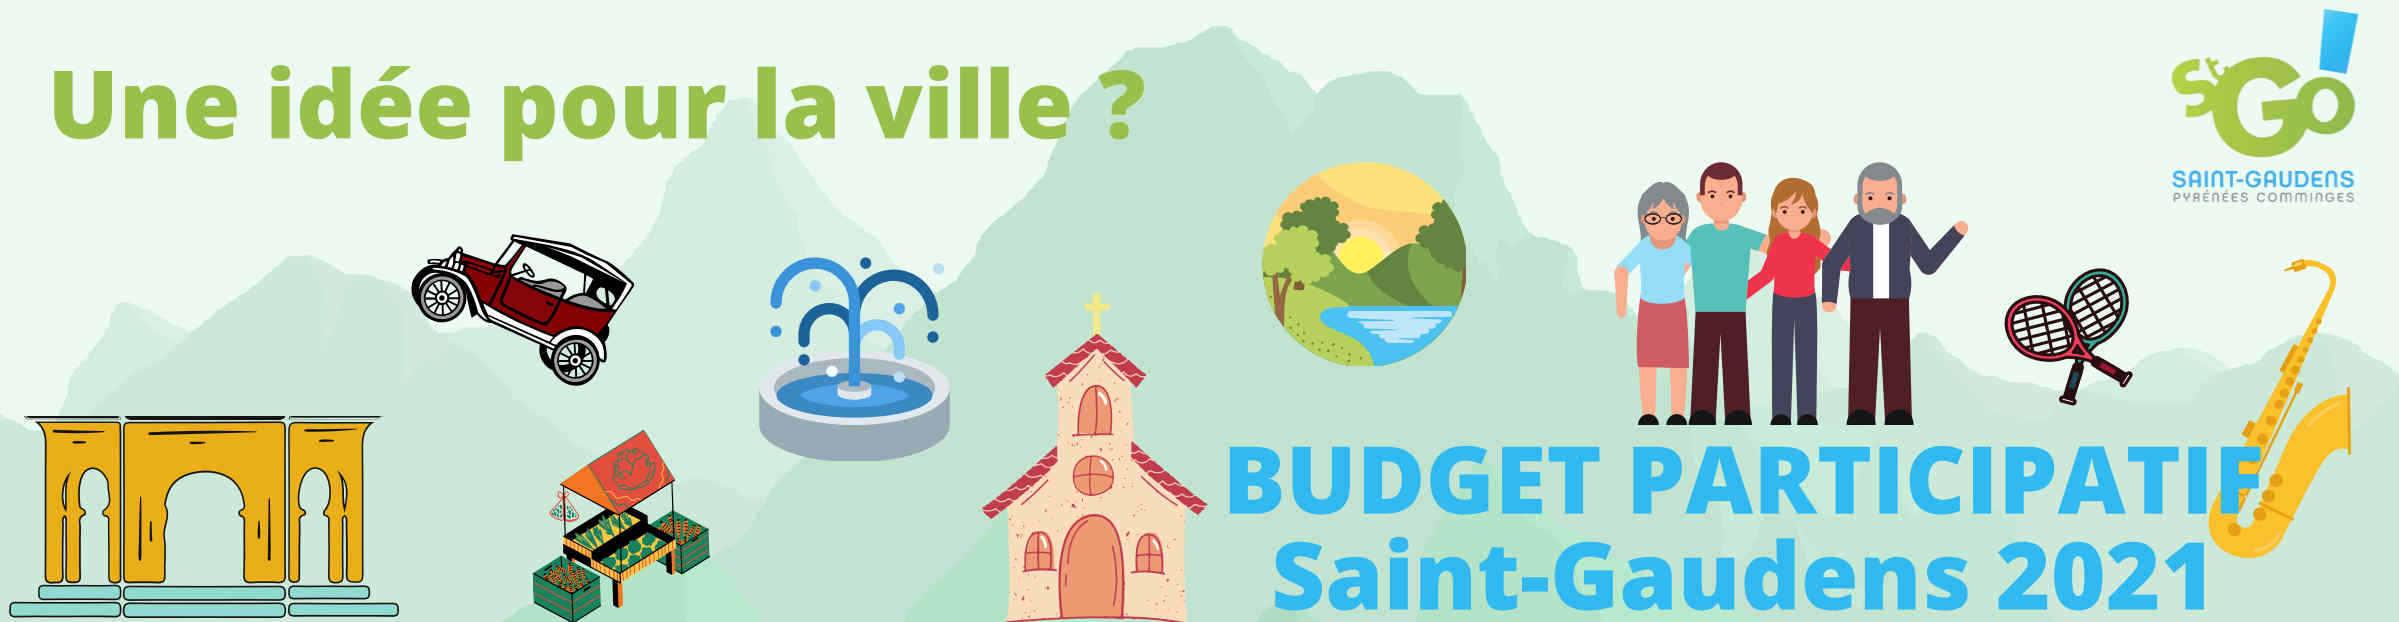 Visuel Budget participatif : logo mairie et quelques dessins